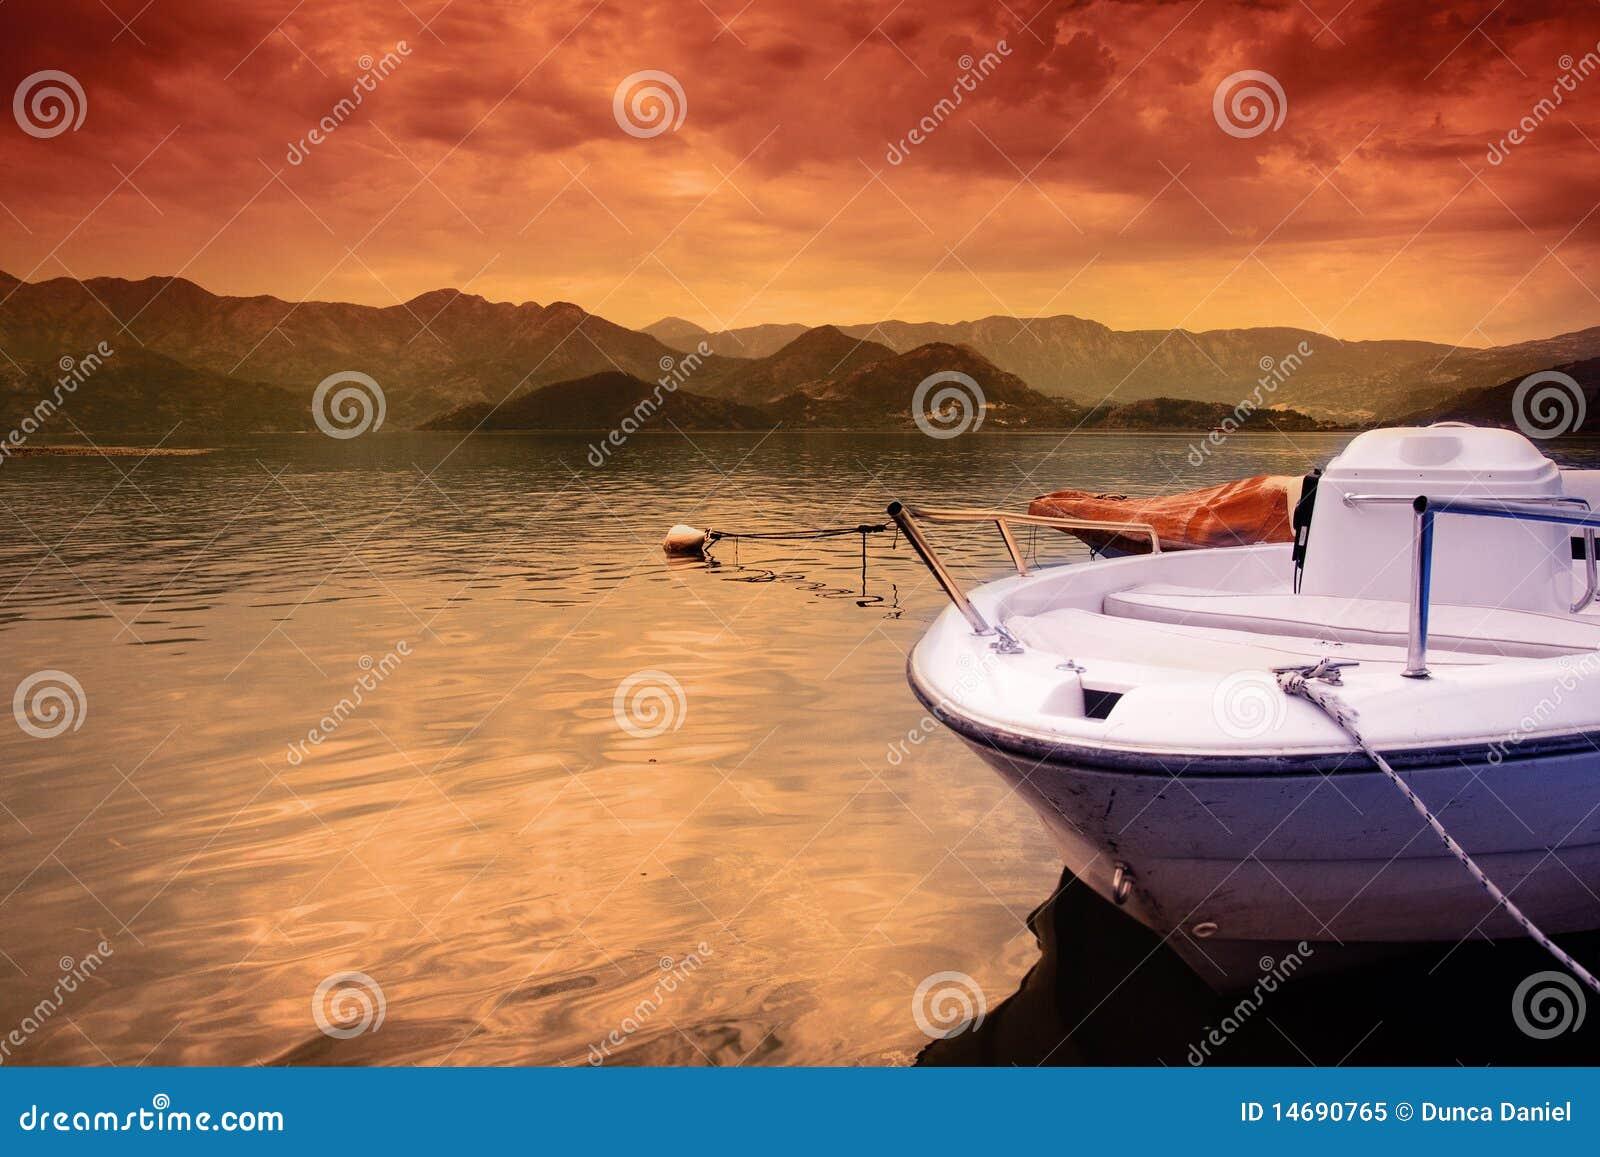 För lakesky för fartyg färgrik solnedgång